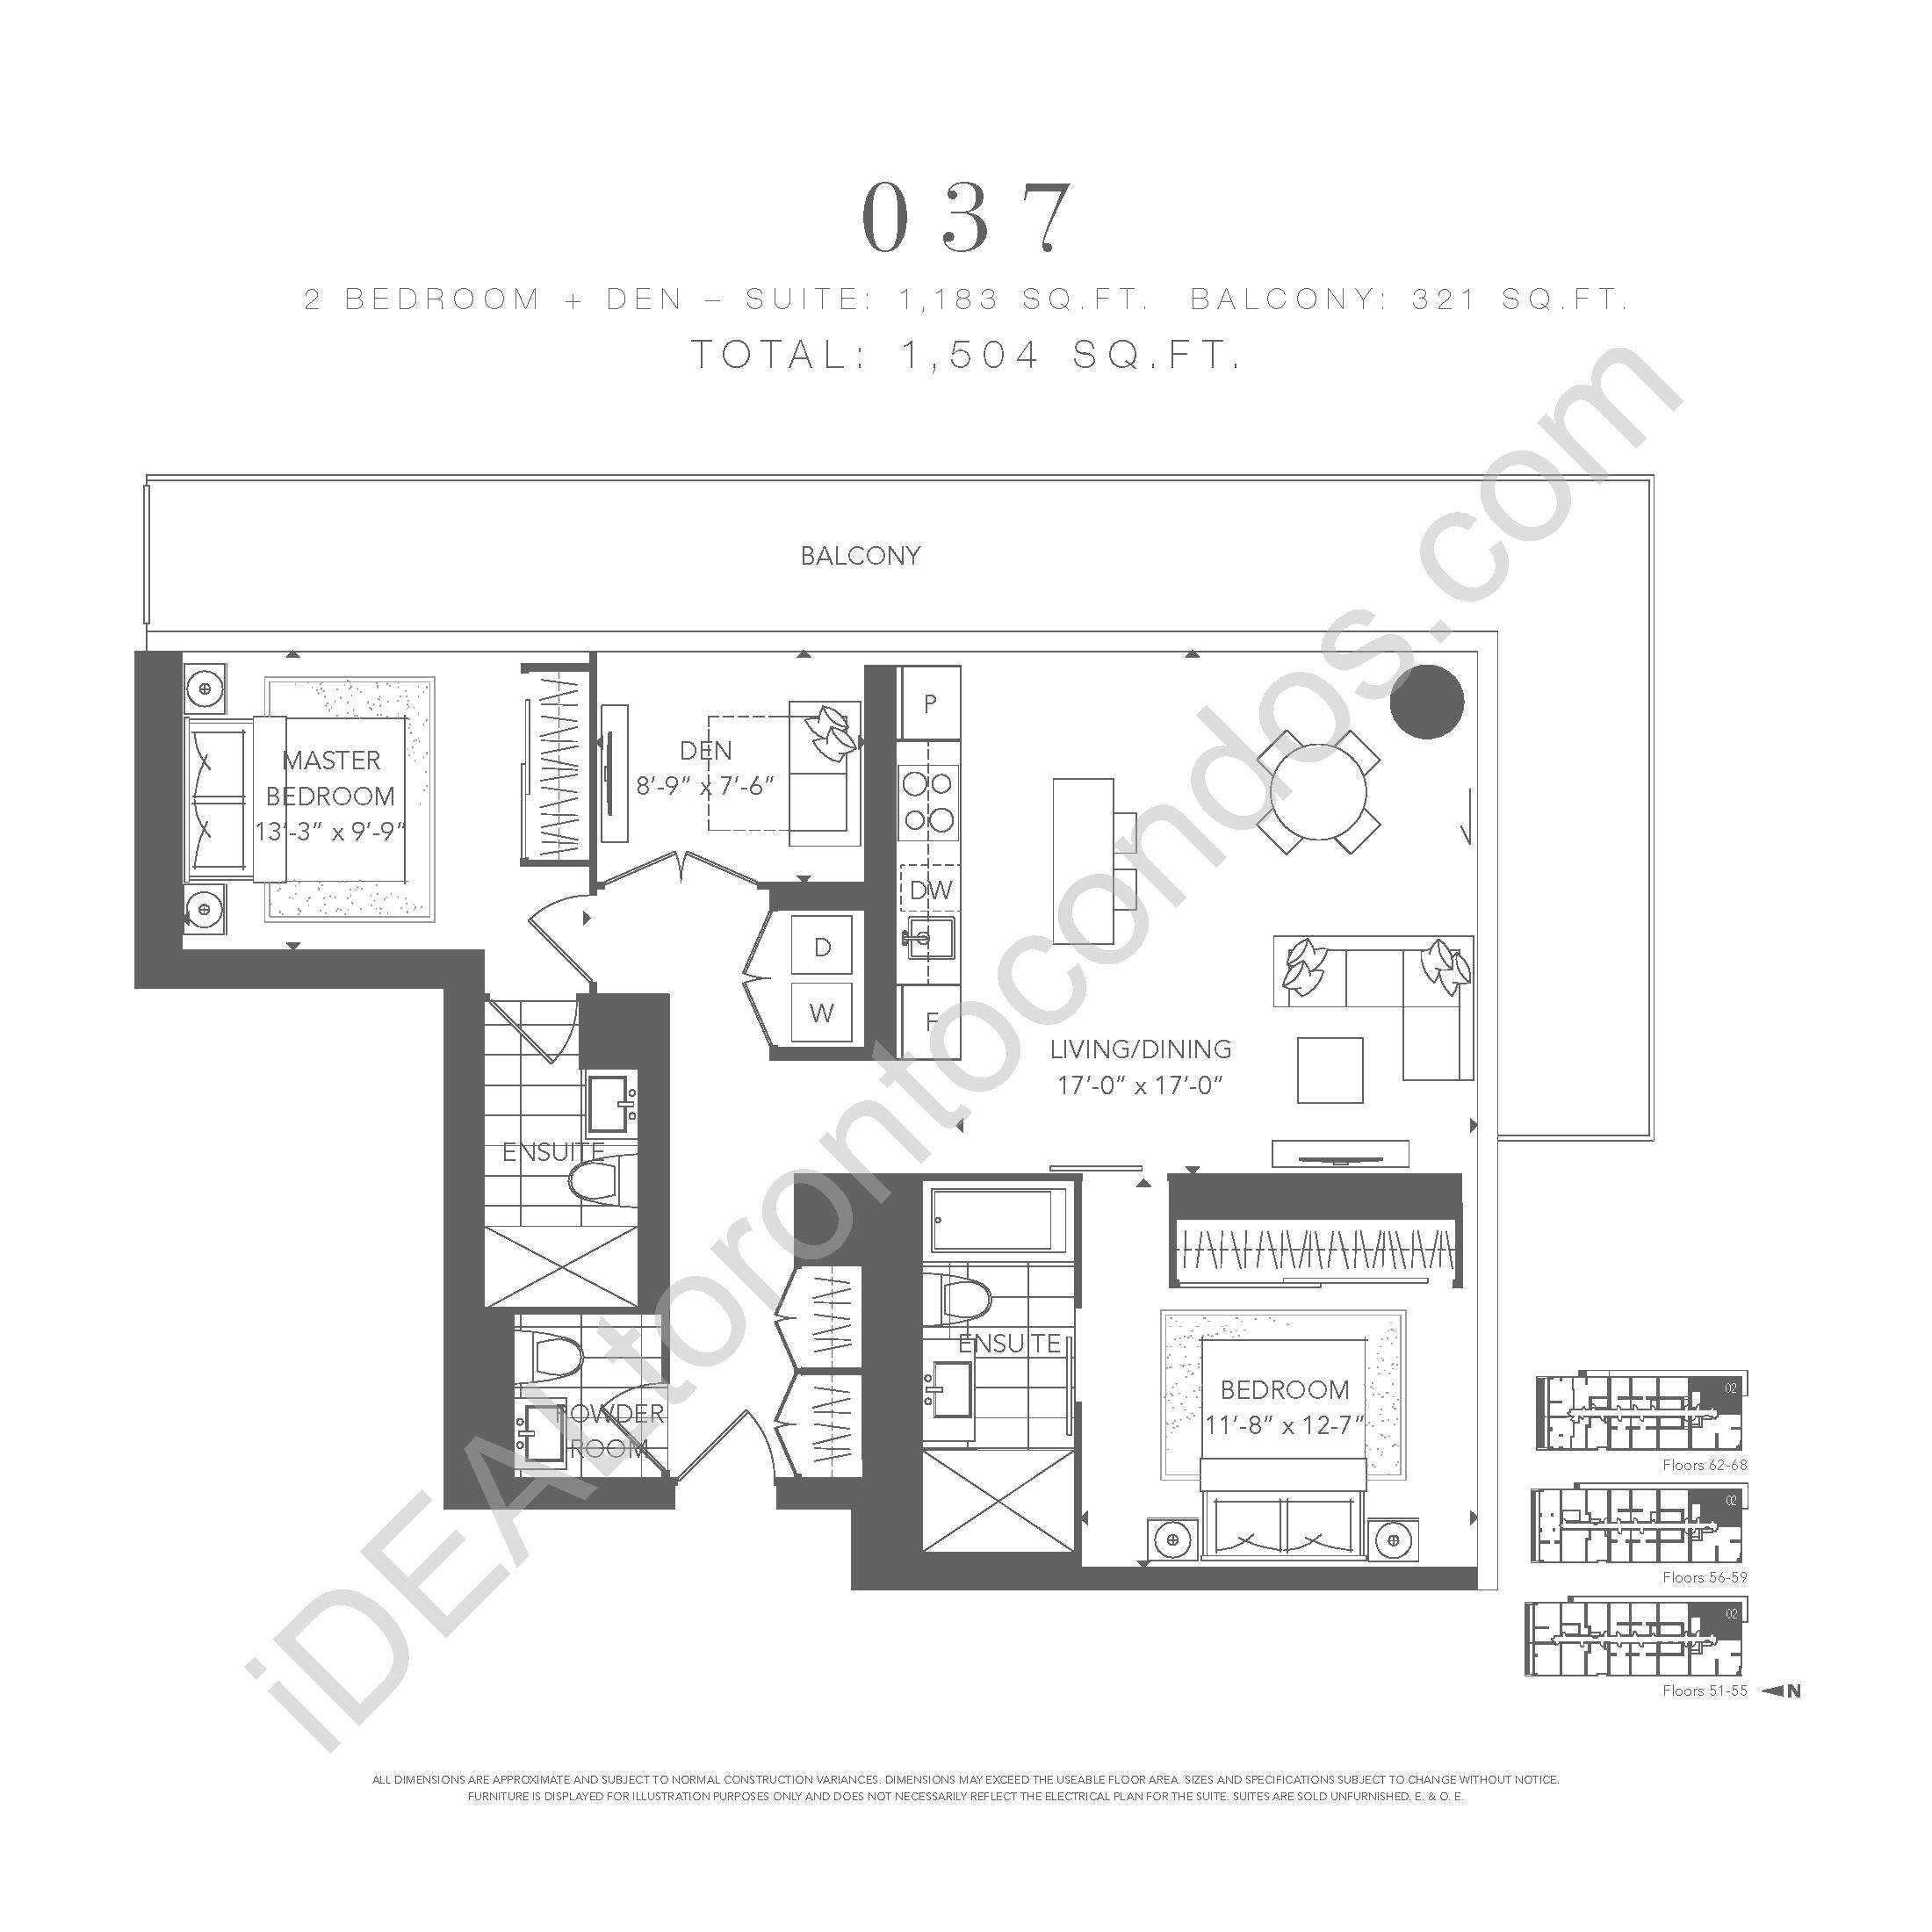 2 bedroom + den 037